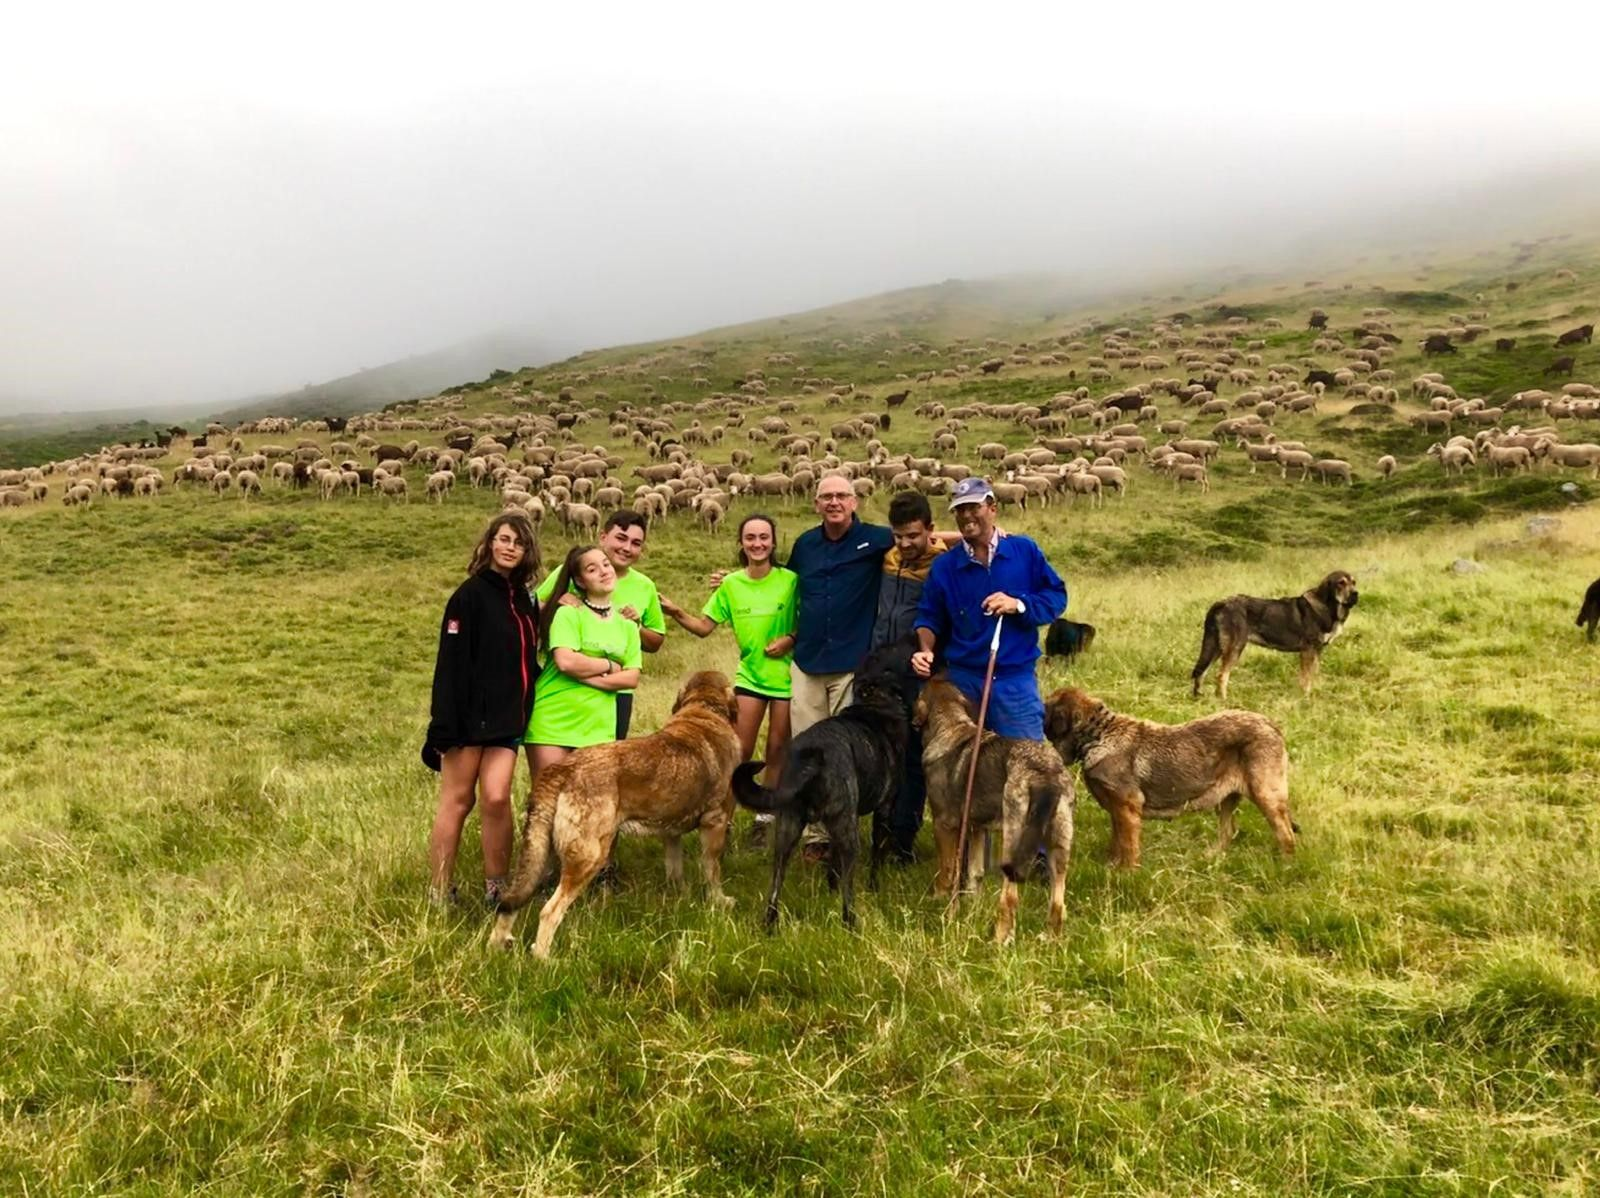 Diez jóvenes supervivientes del cáncer realizan la «Aventura trashumante entre lobos y mastines»